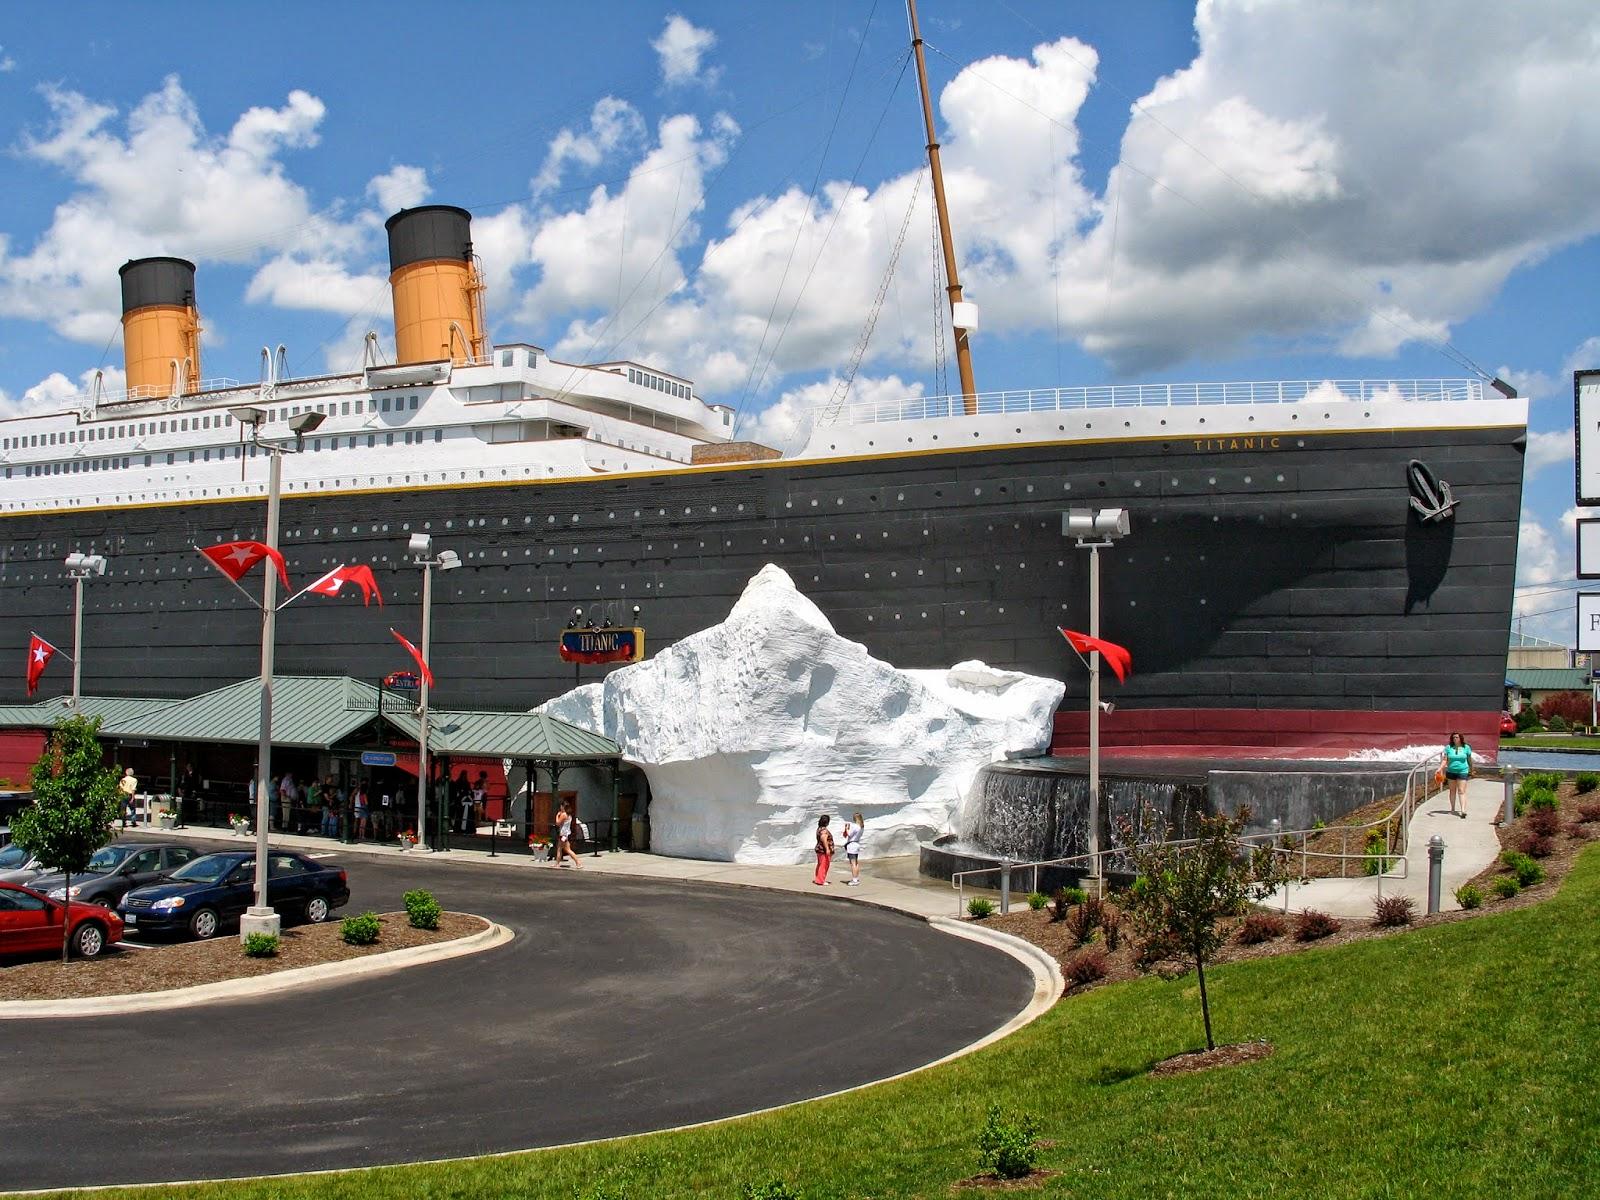 Berlibur Di Museum Titanic Sungguh Menyenangkan